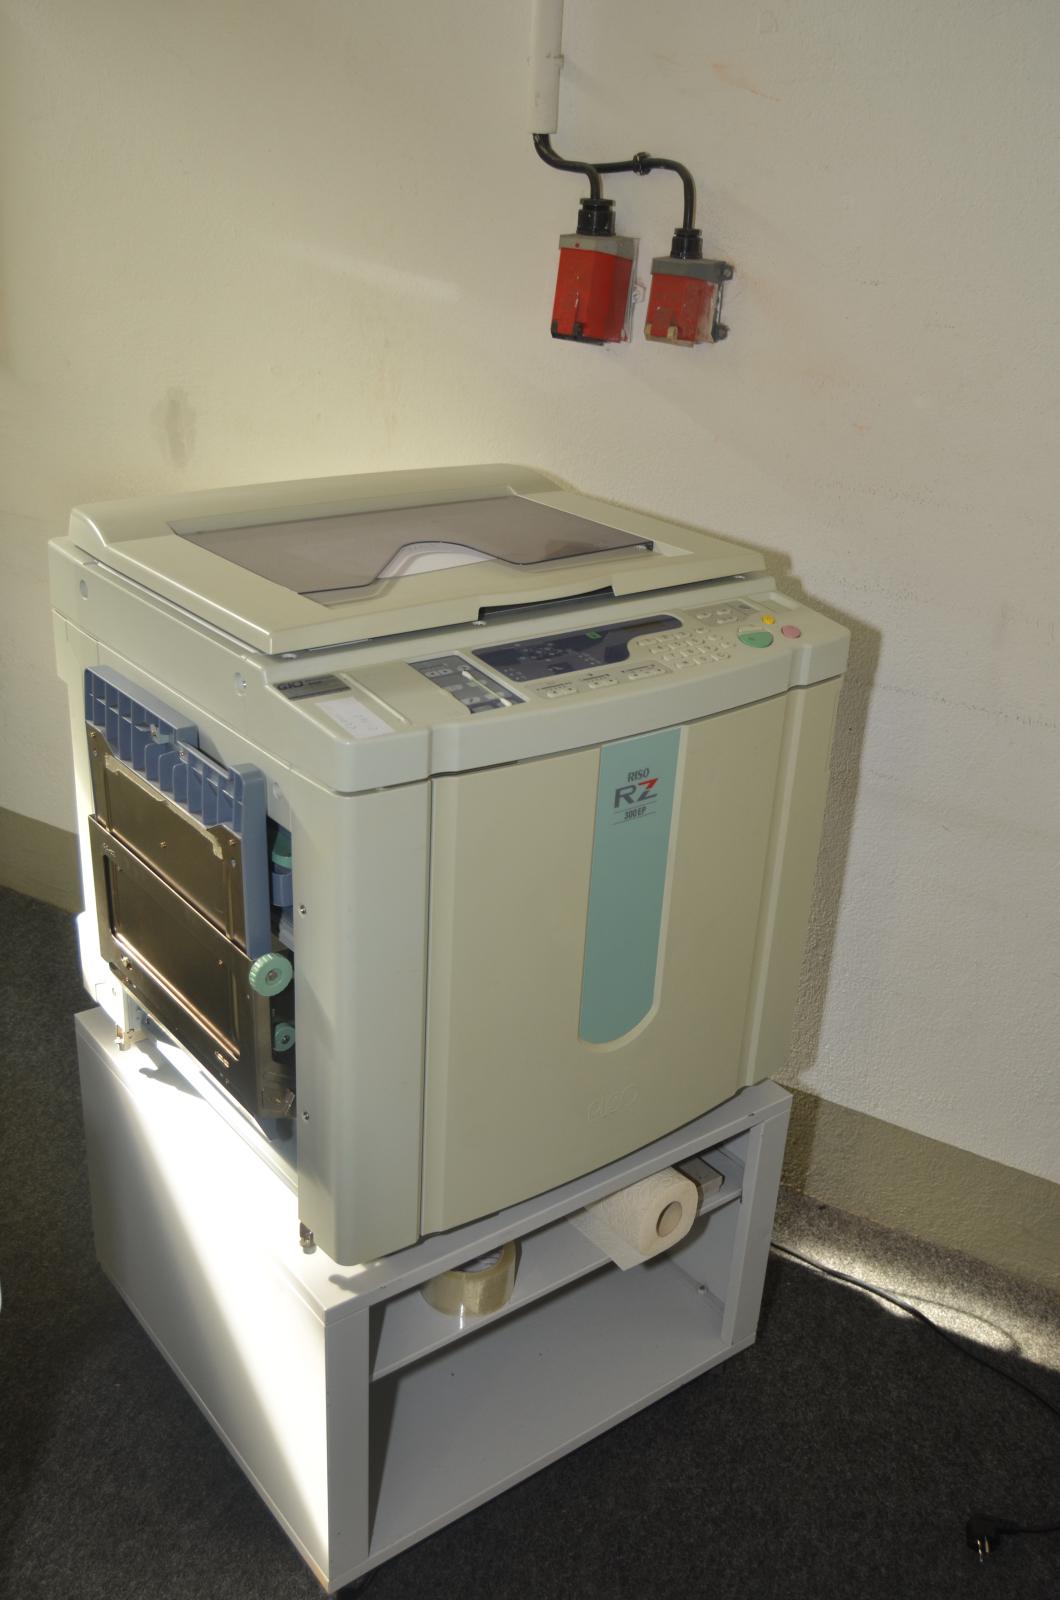 digitaldrucker riso rz300ep hochgeschwindigkeits drucker. Black Bedroom Furniture Sets. Home Design Ideas